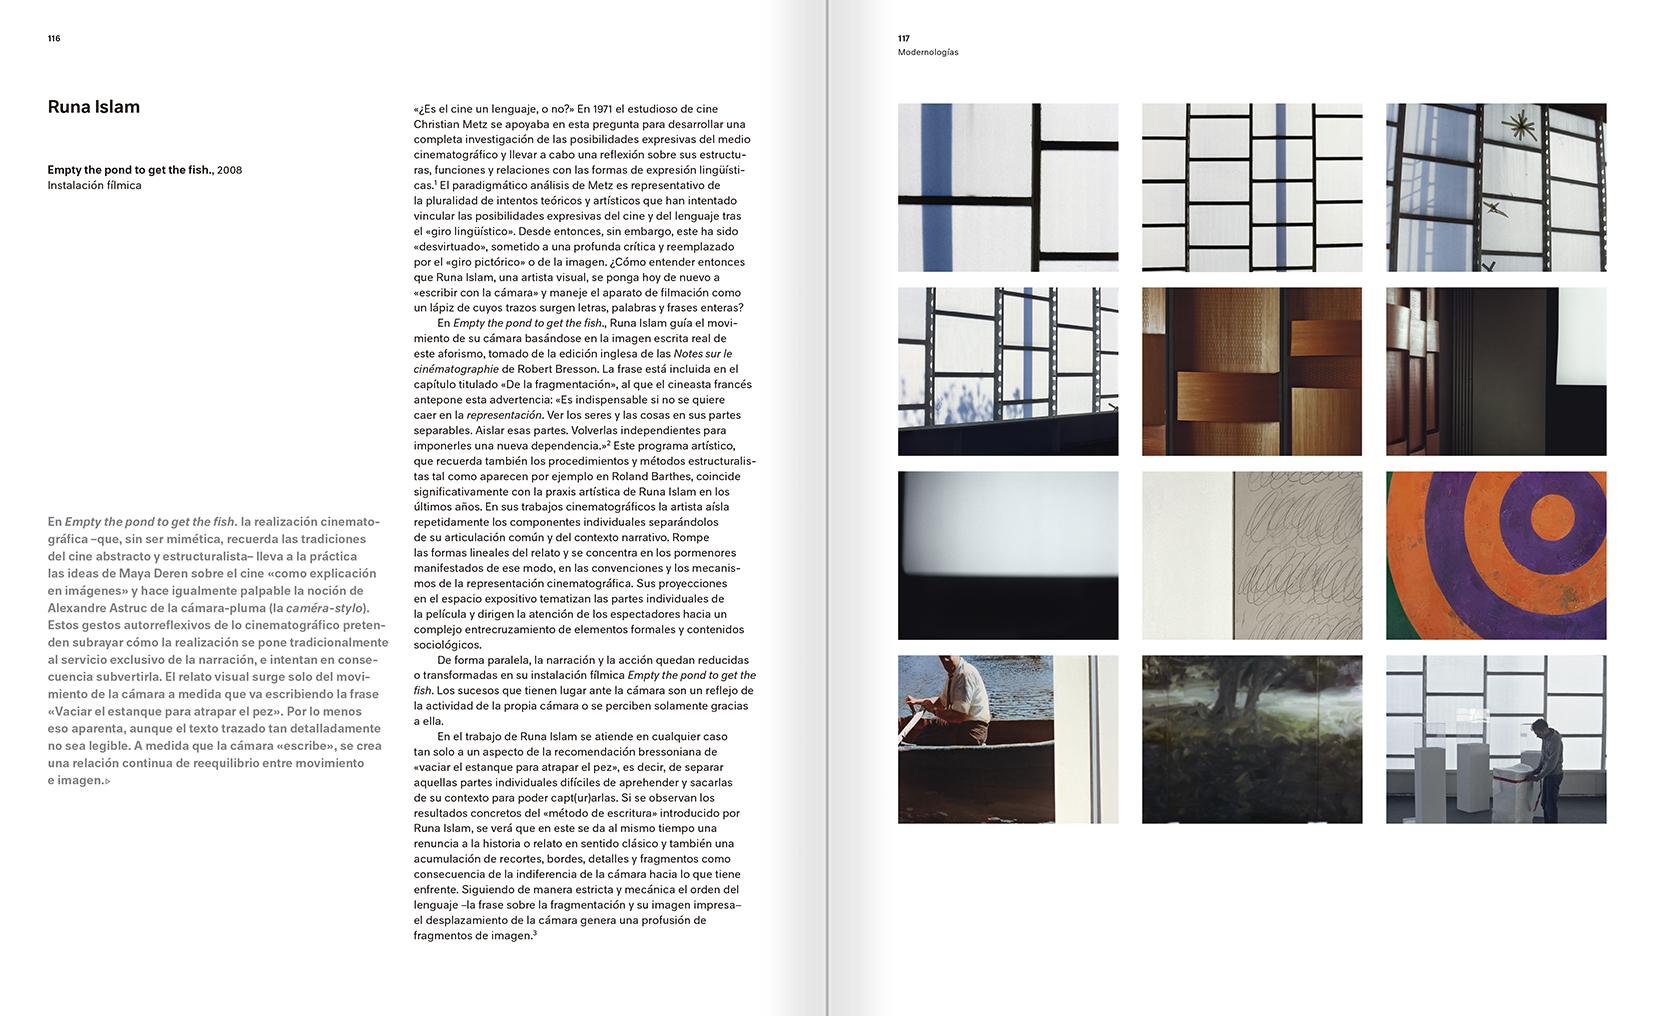 """Selección del catálogo """"Modernologías. Artistas contemporáneos investigan la modernidad y el modernismo"""" páginas 116 y 117"""